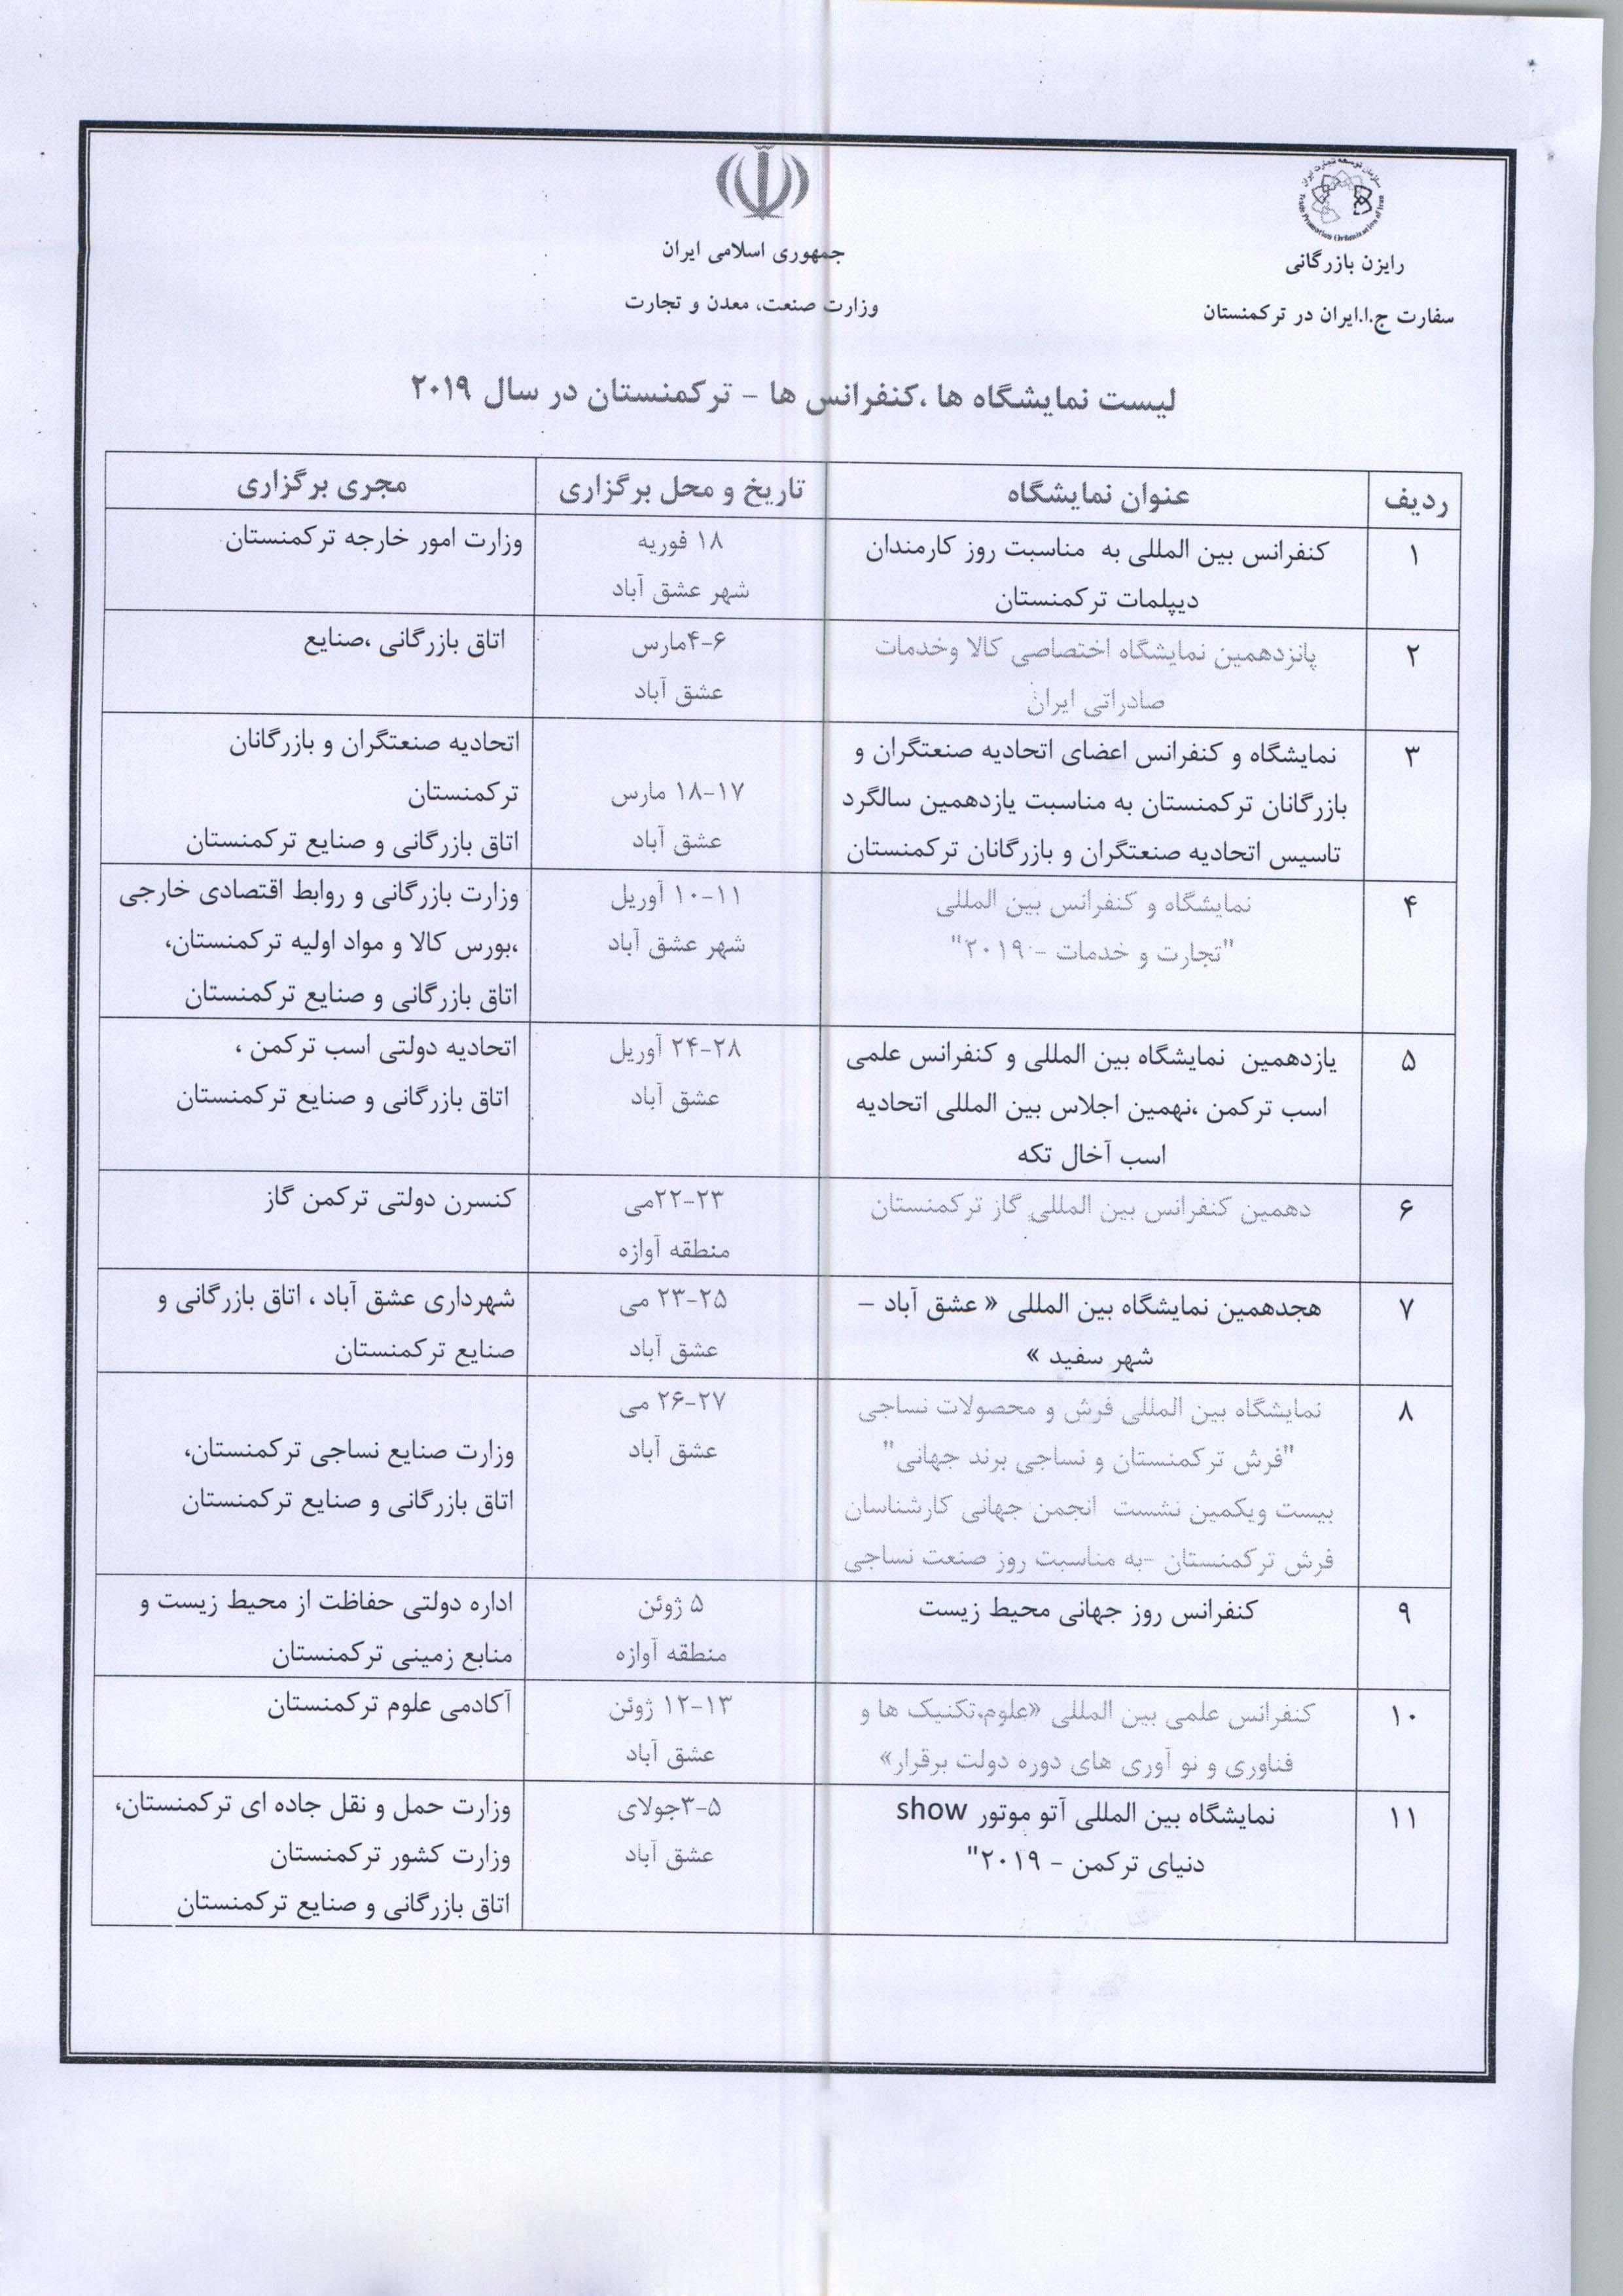 لیست نمایشگاه ها کنفرانس ها ترکمنستان از سفارت ترکمنستان.